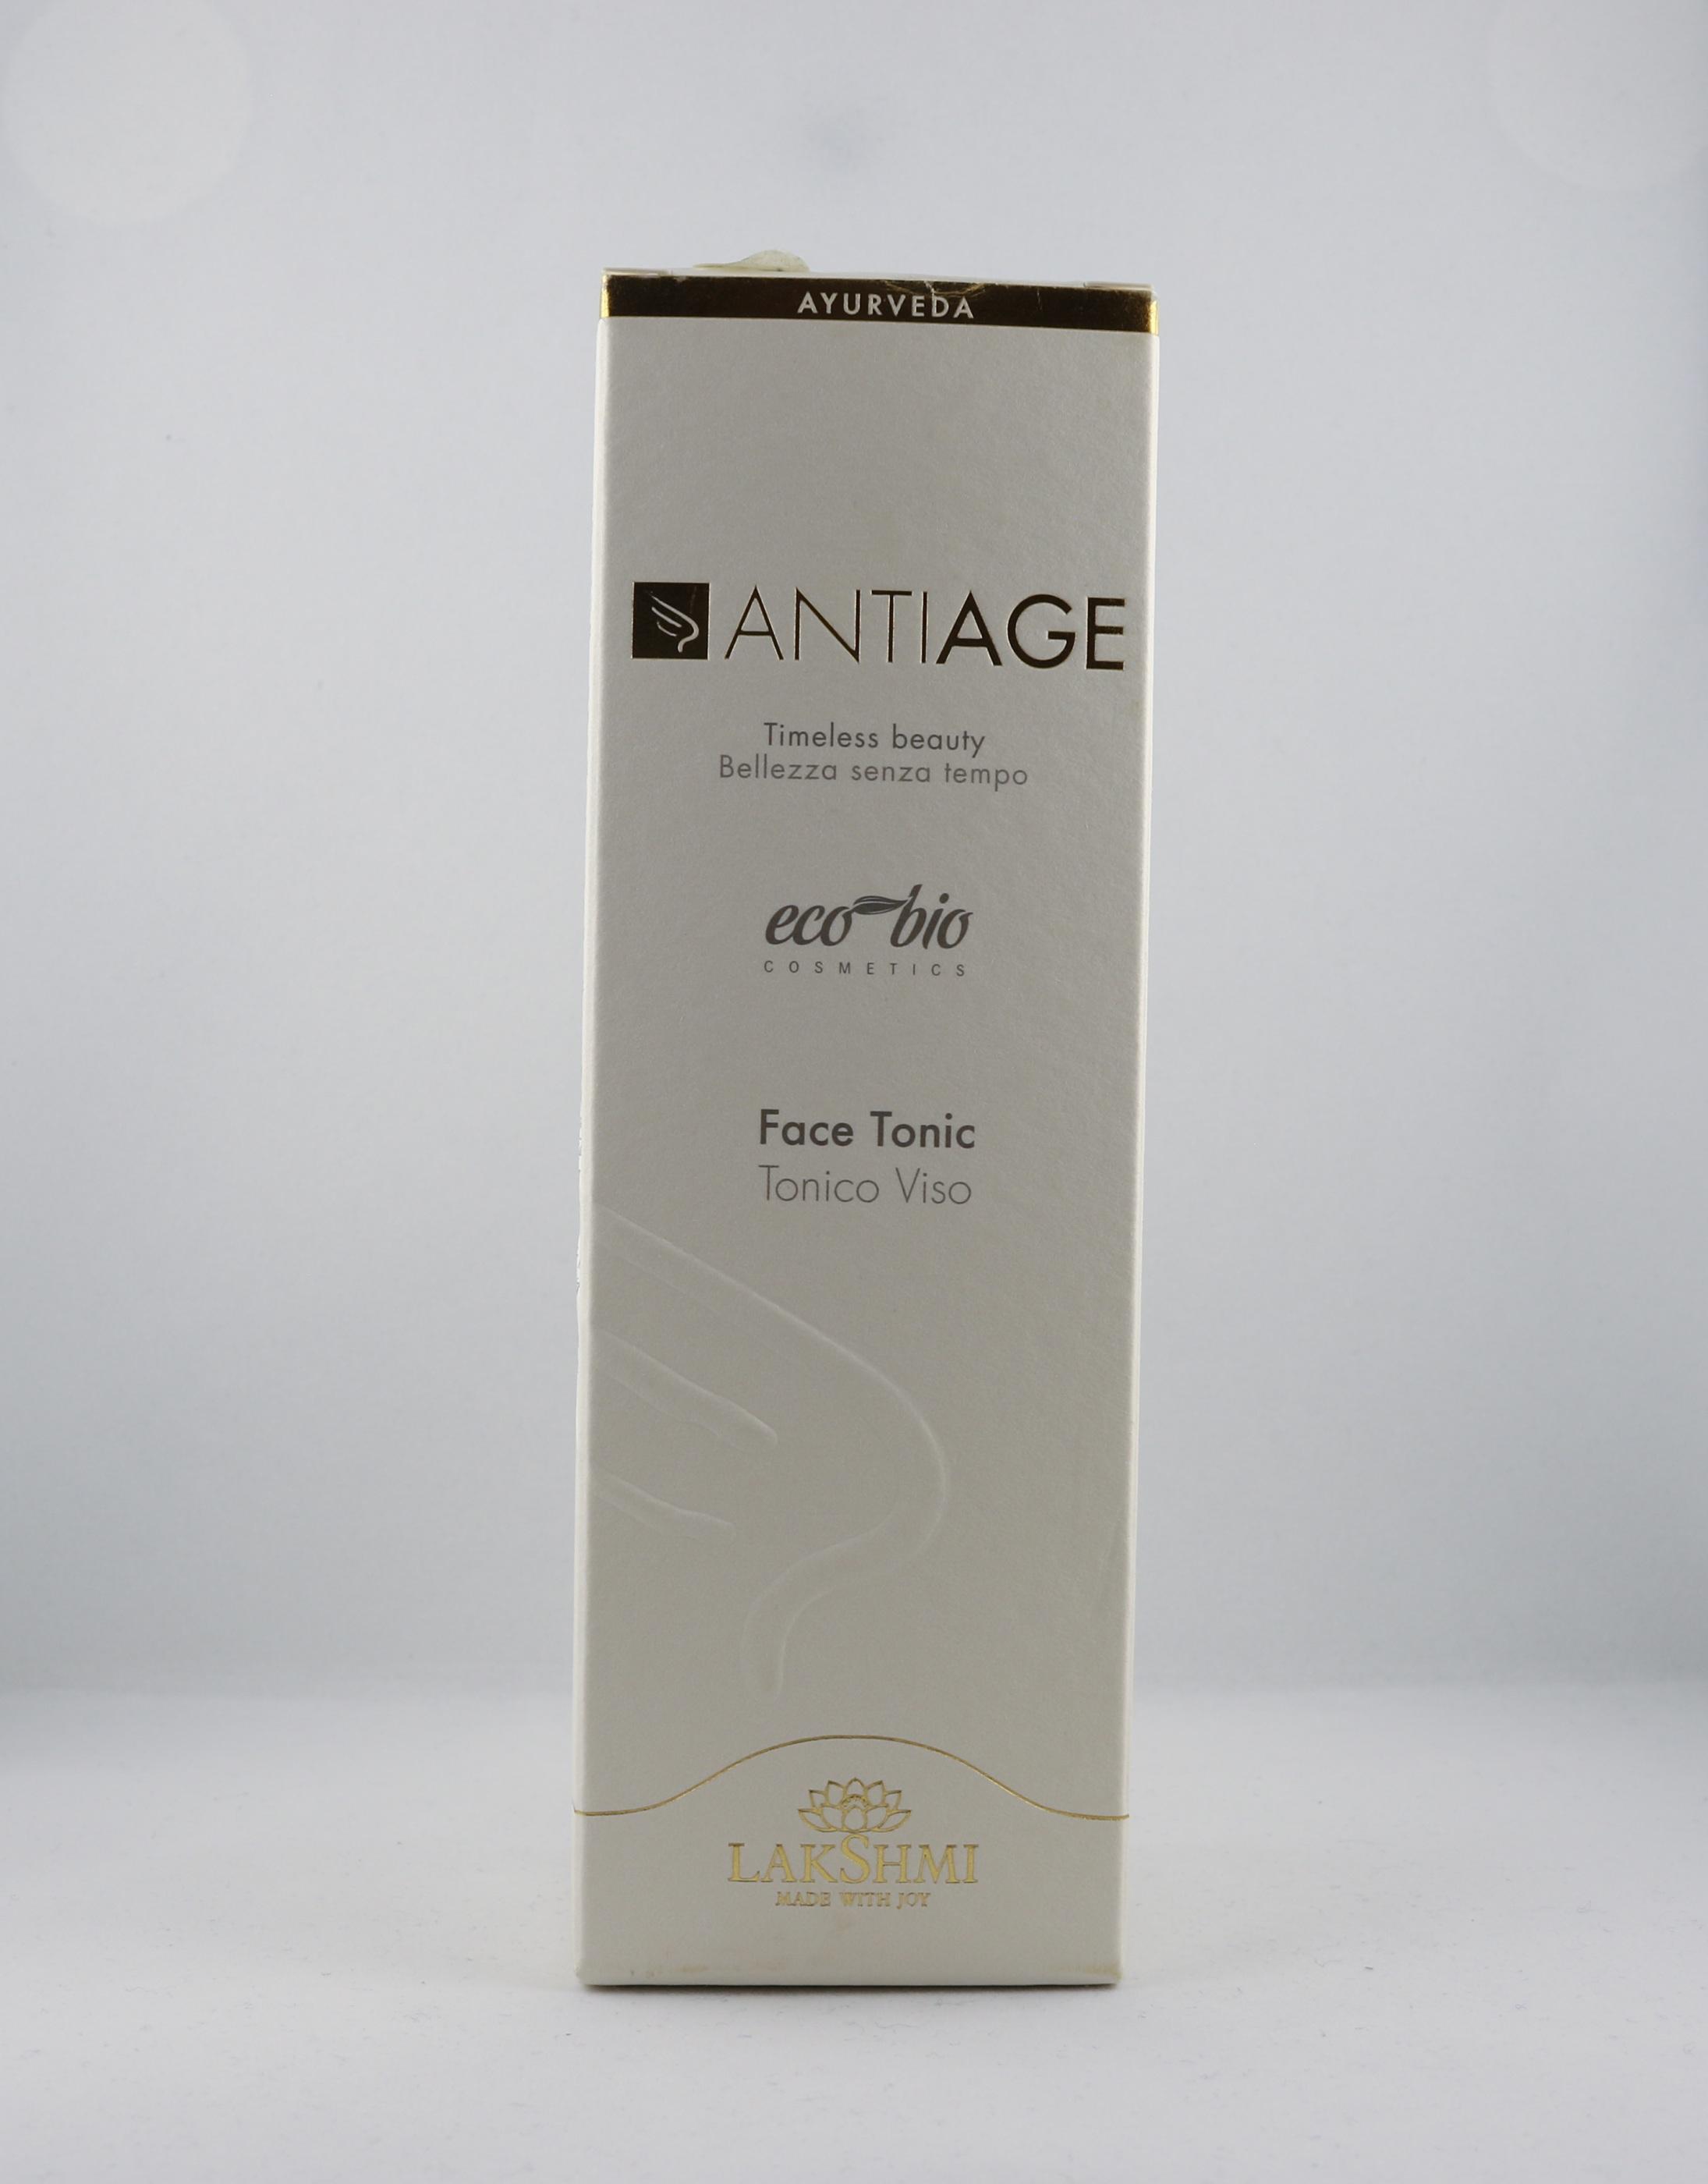 Anti-Age Face Tonic hudvårdsprodukt hudvårdstyp alternativ hälsa wellness ayurveda för män